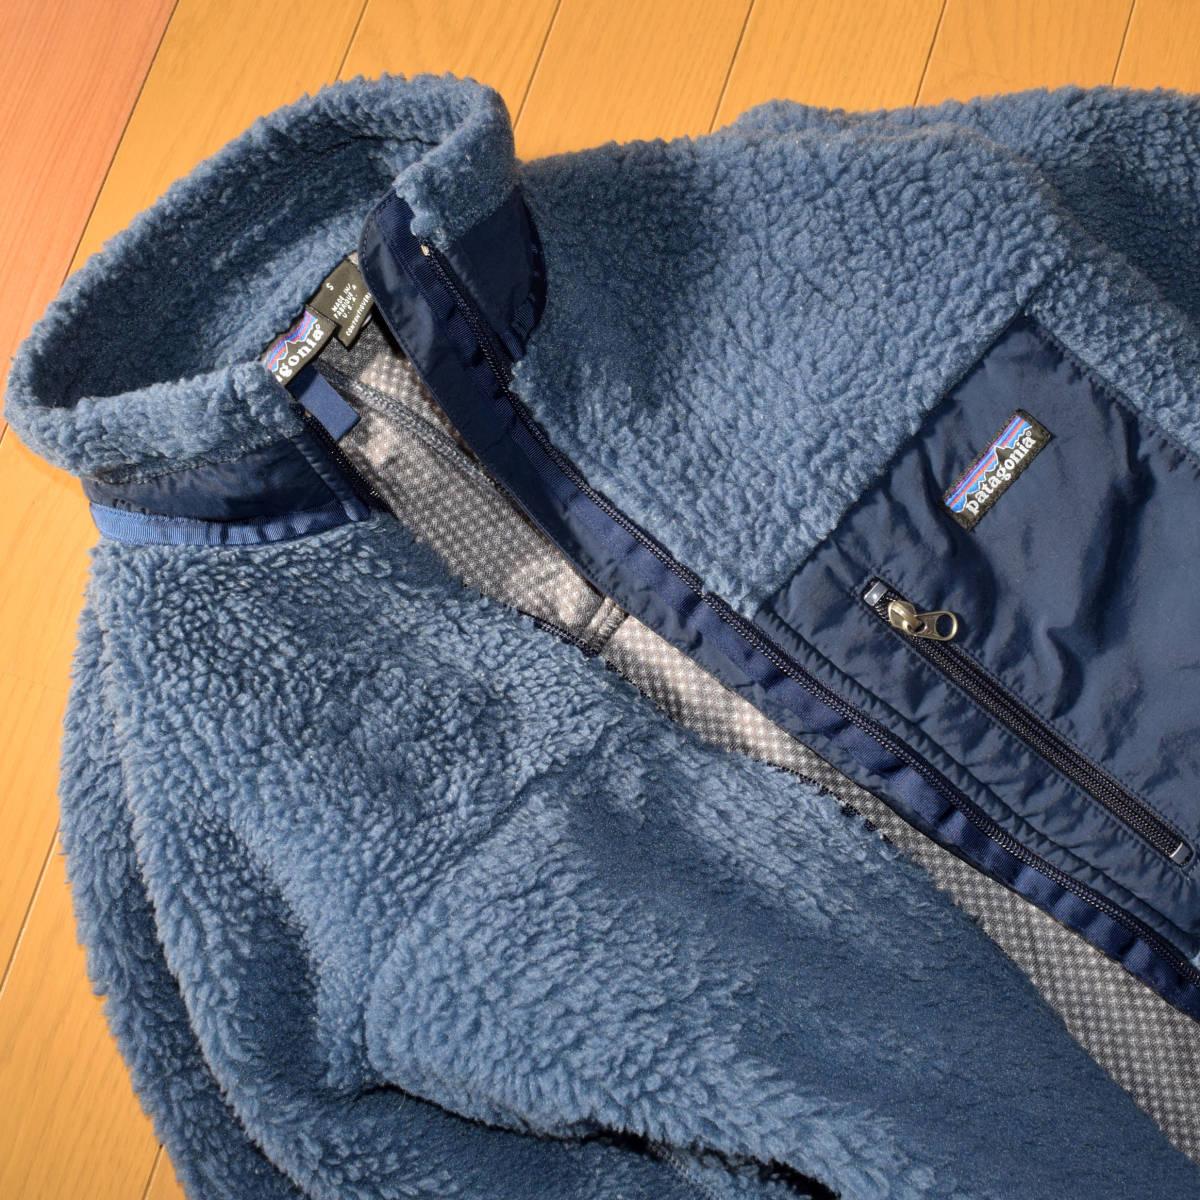 レア!送料無料!99年 USA製 パタゴニア メンズS 日本M フリース ボアパイル レトロX ジャケット レトロカーディガン 古着 ビンテージ_画像8